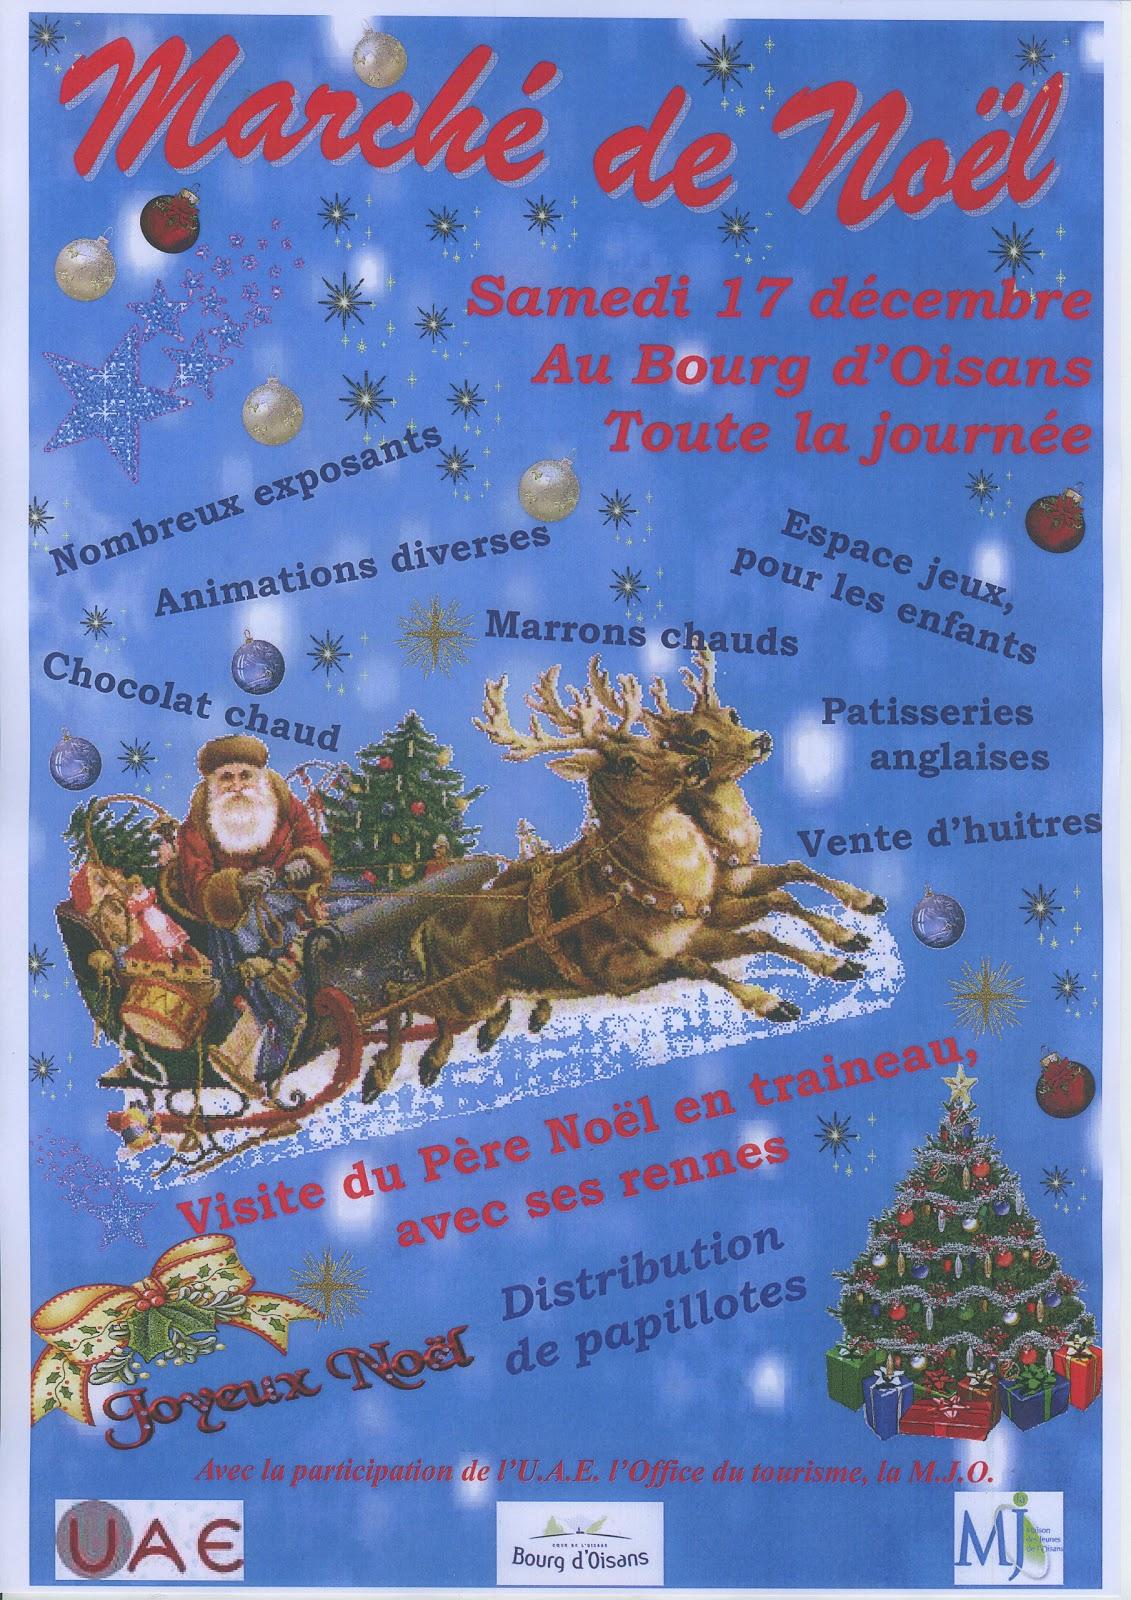 News de l 39 office de tourisme bourg d 39 oisans marche de noel - Bourg d oisans office tourisme ...